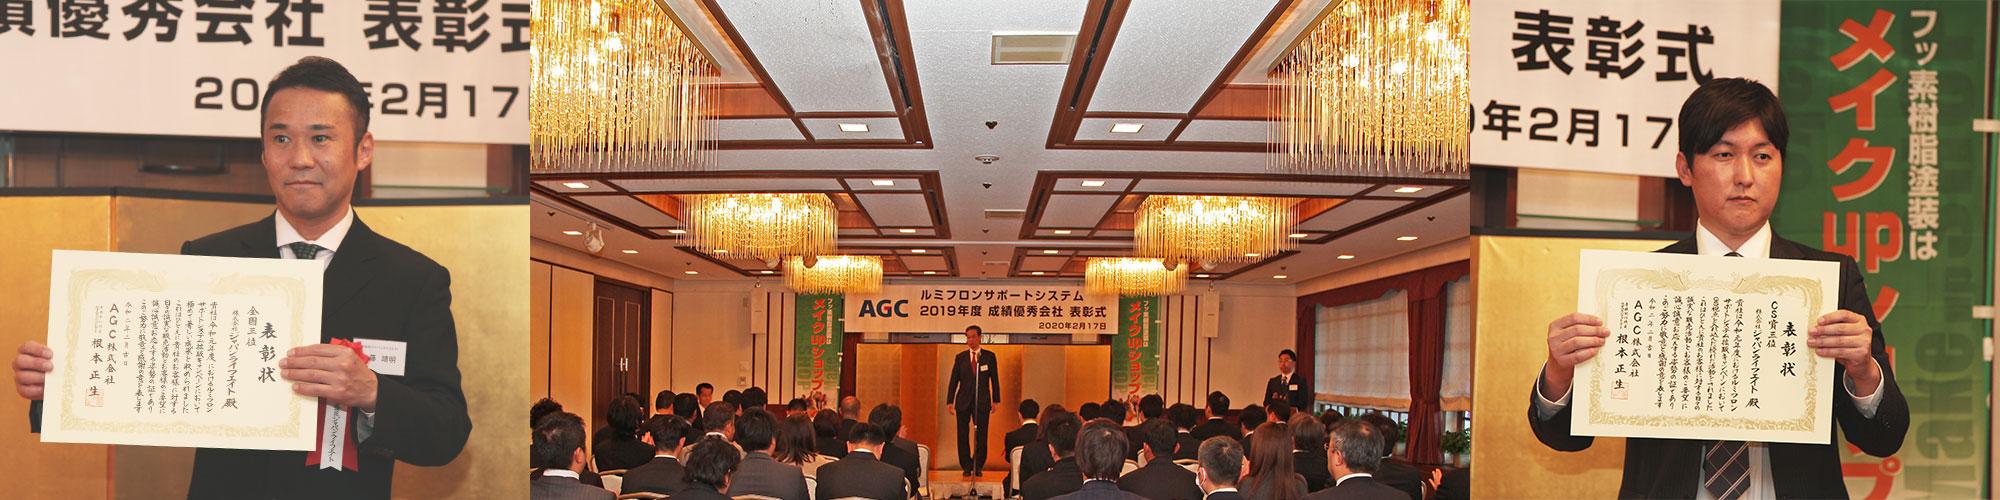 AGC株式会社表彰式